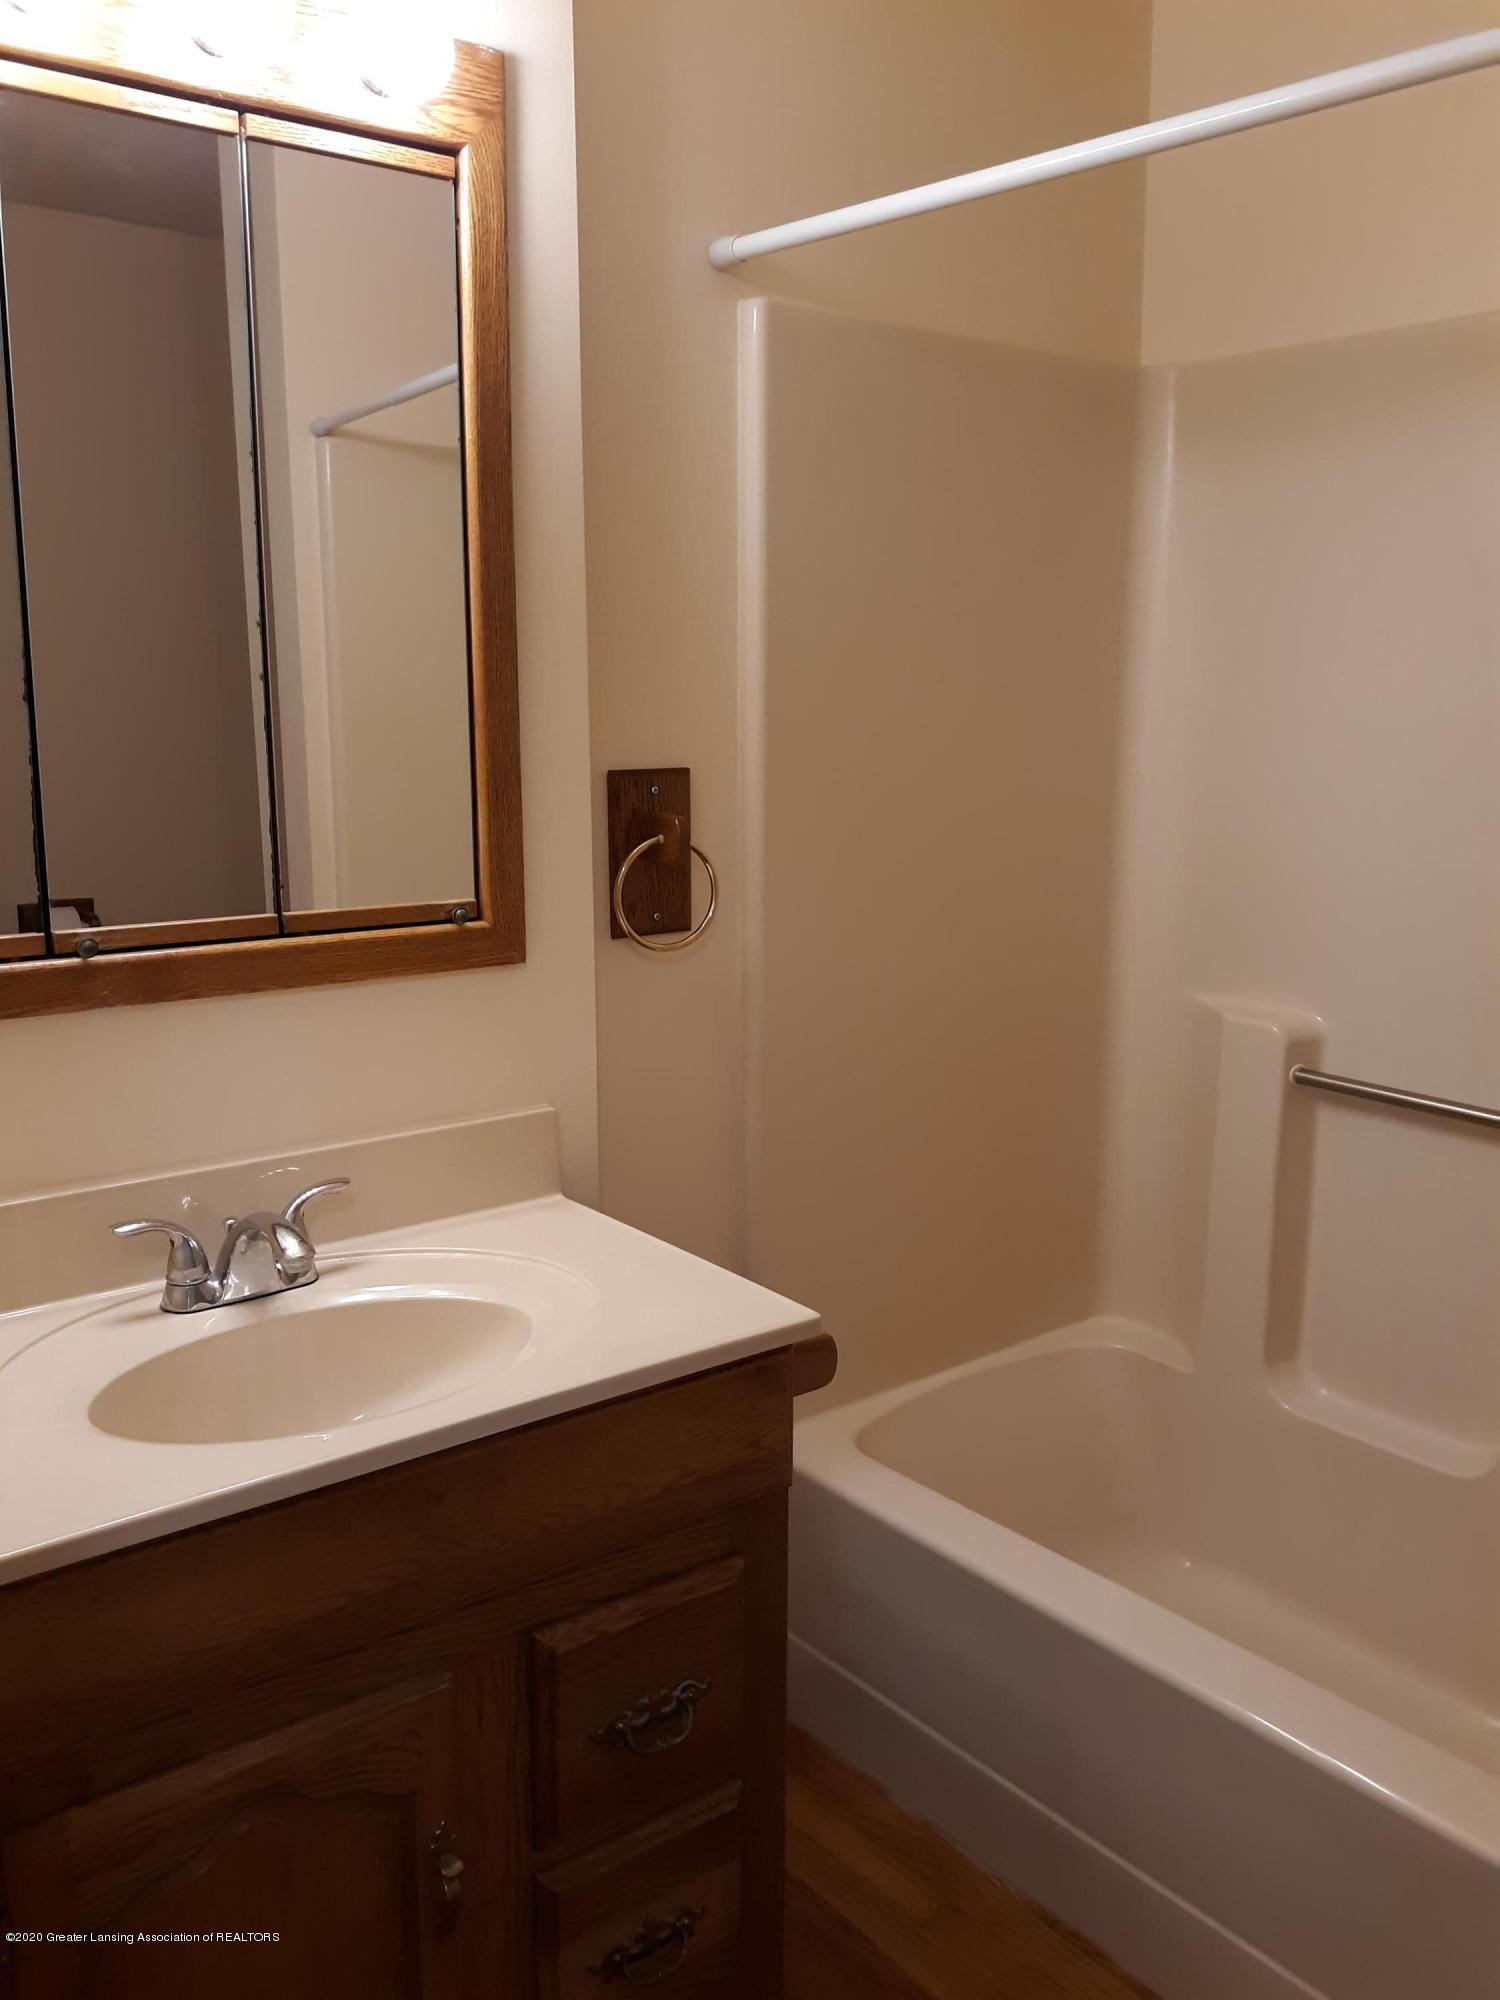 865 Barry Rd - Full Bath #2 - 26